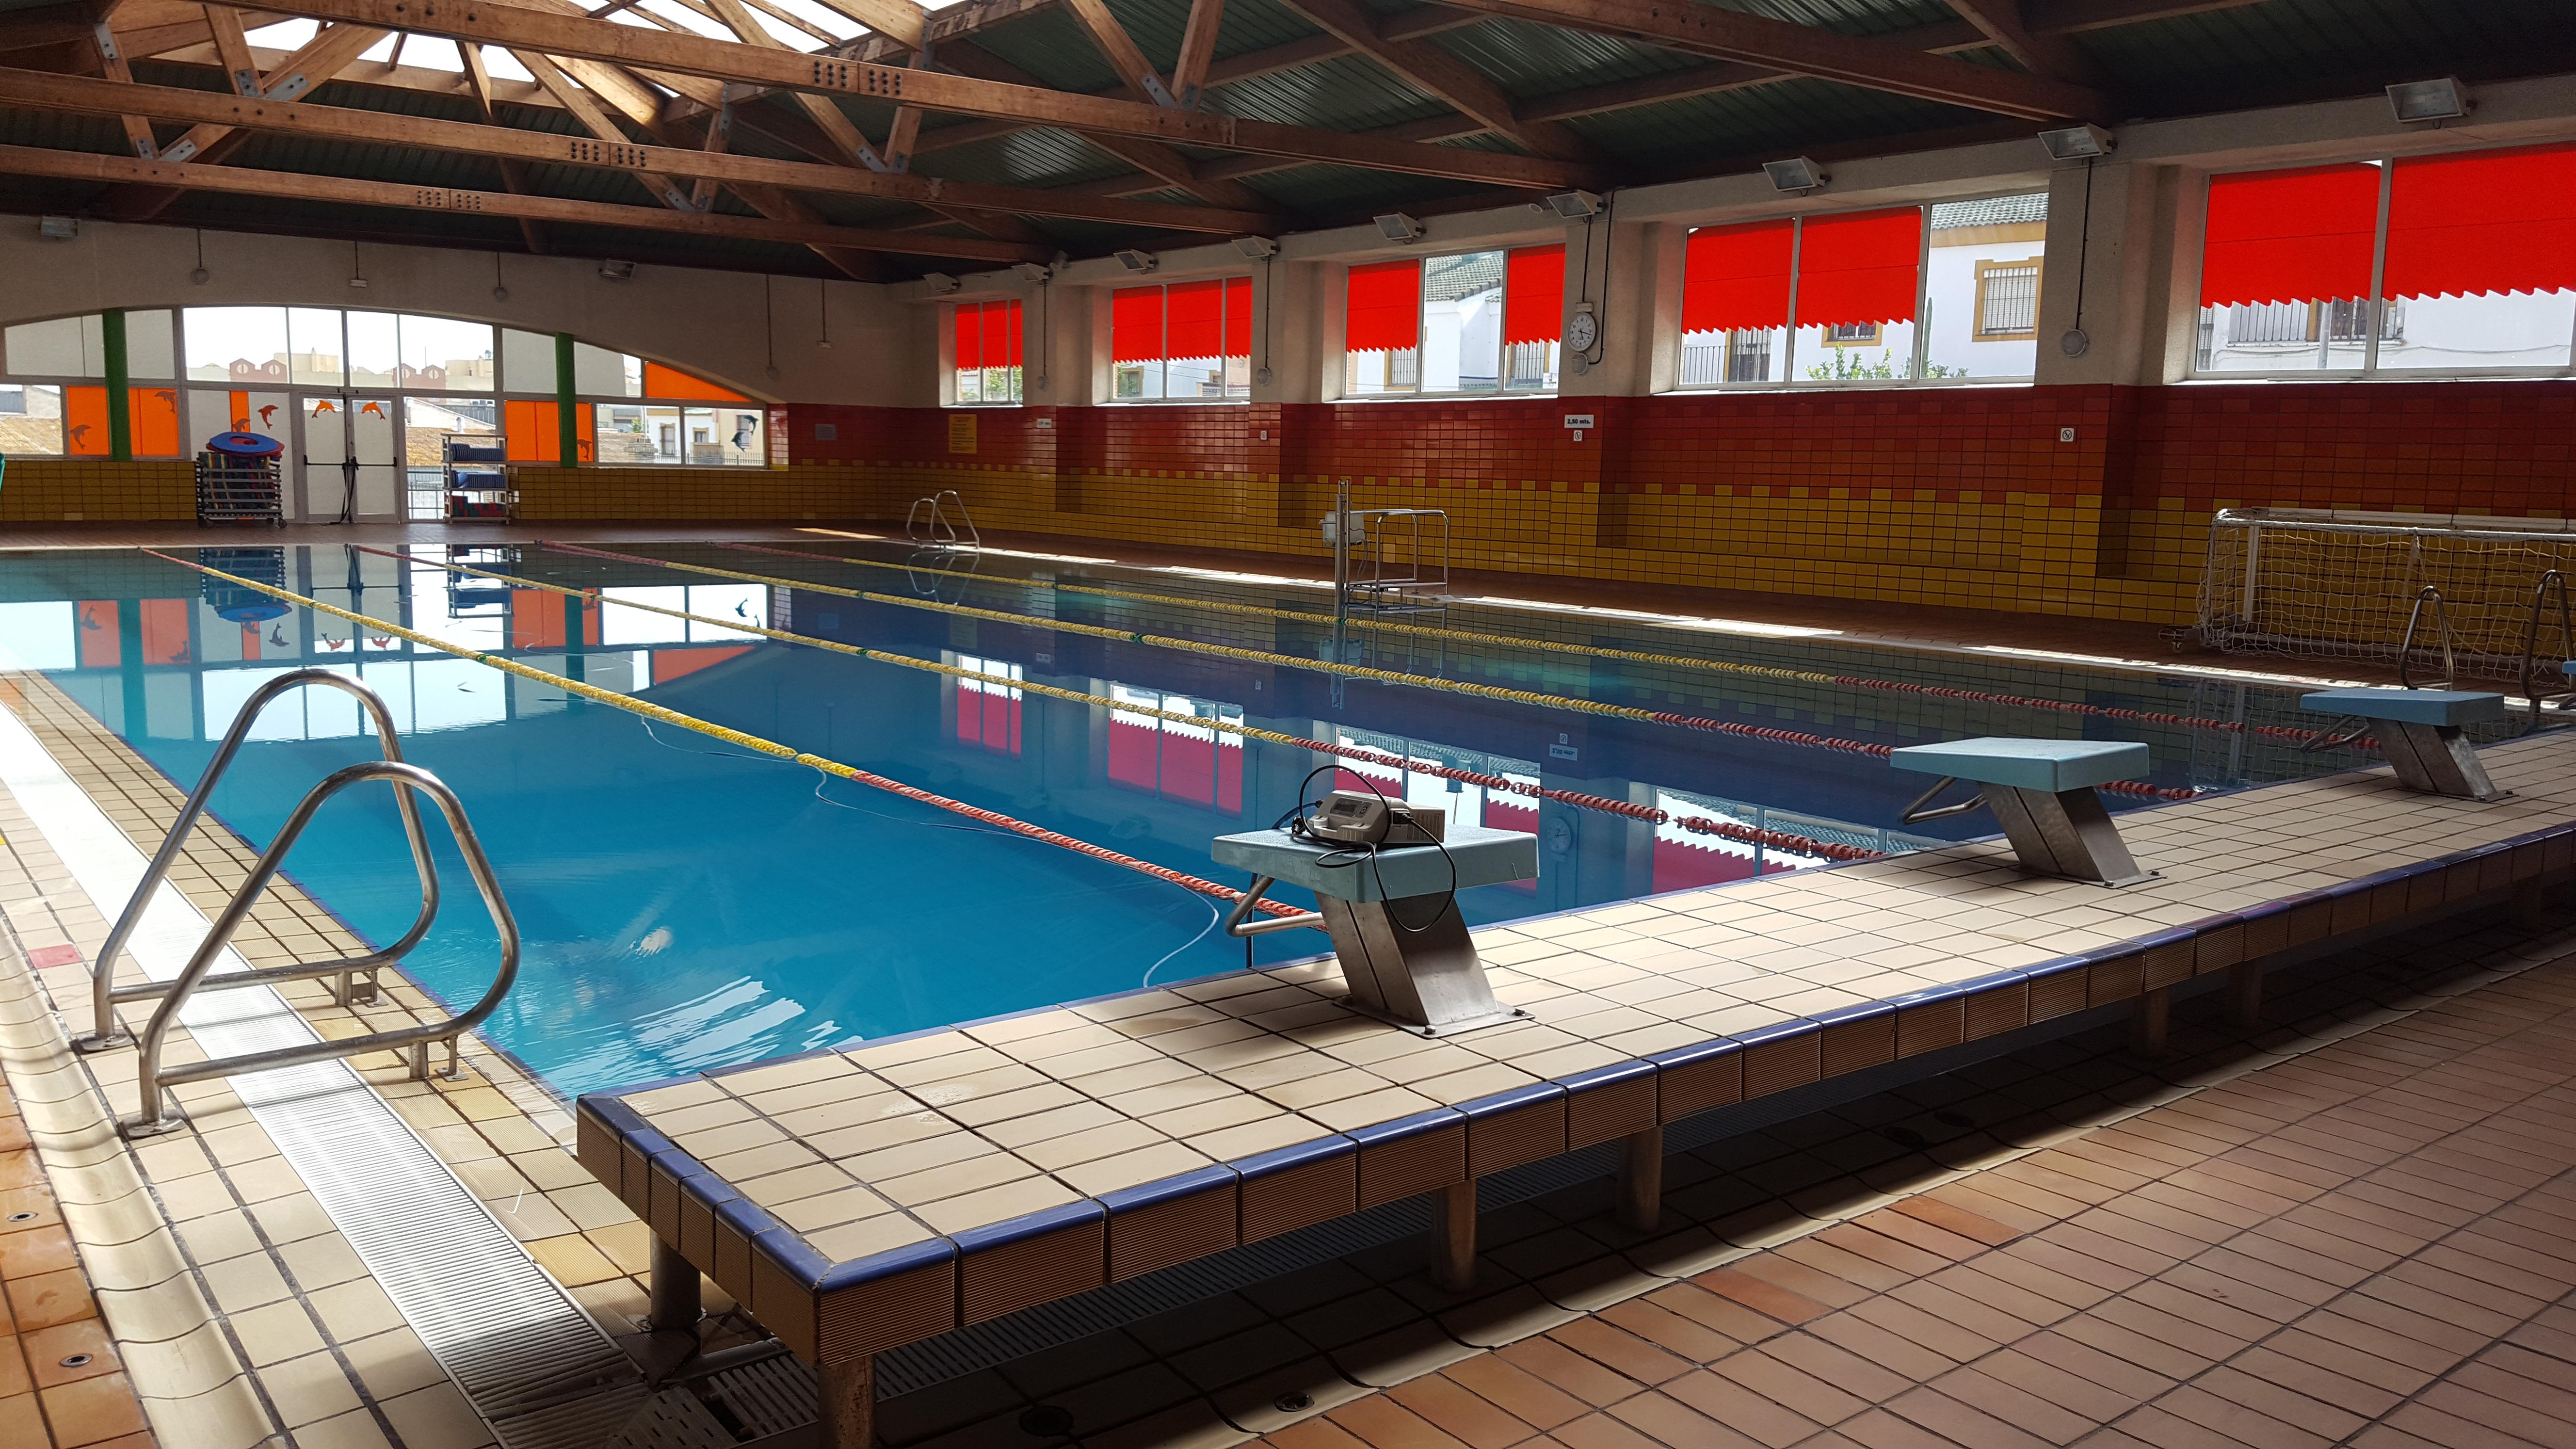 Tratamiento antideslizante en la piscina cubierta for Piscina dos hermanas